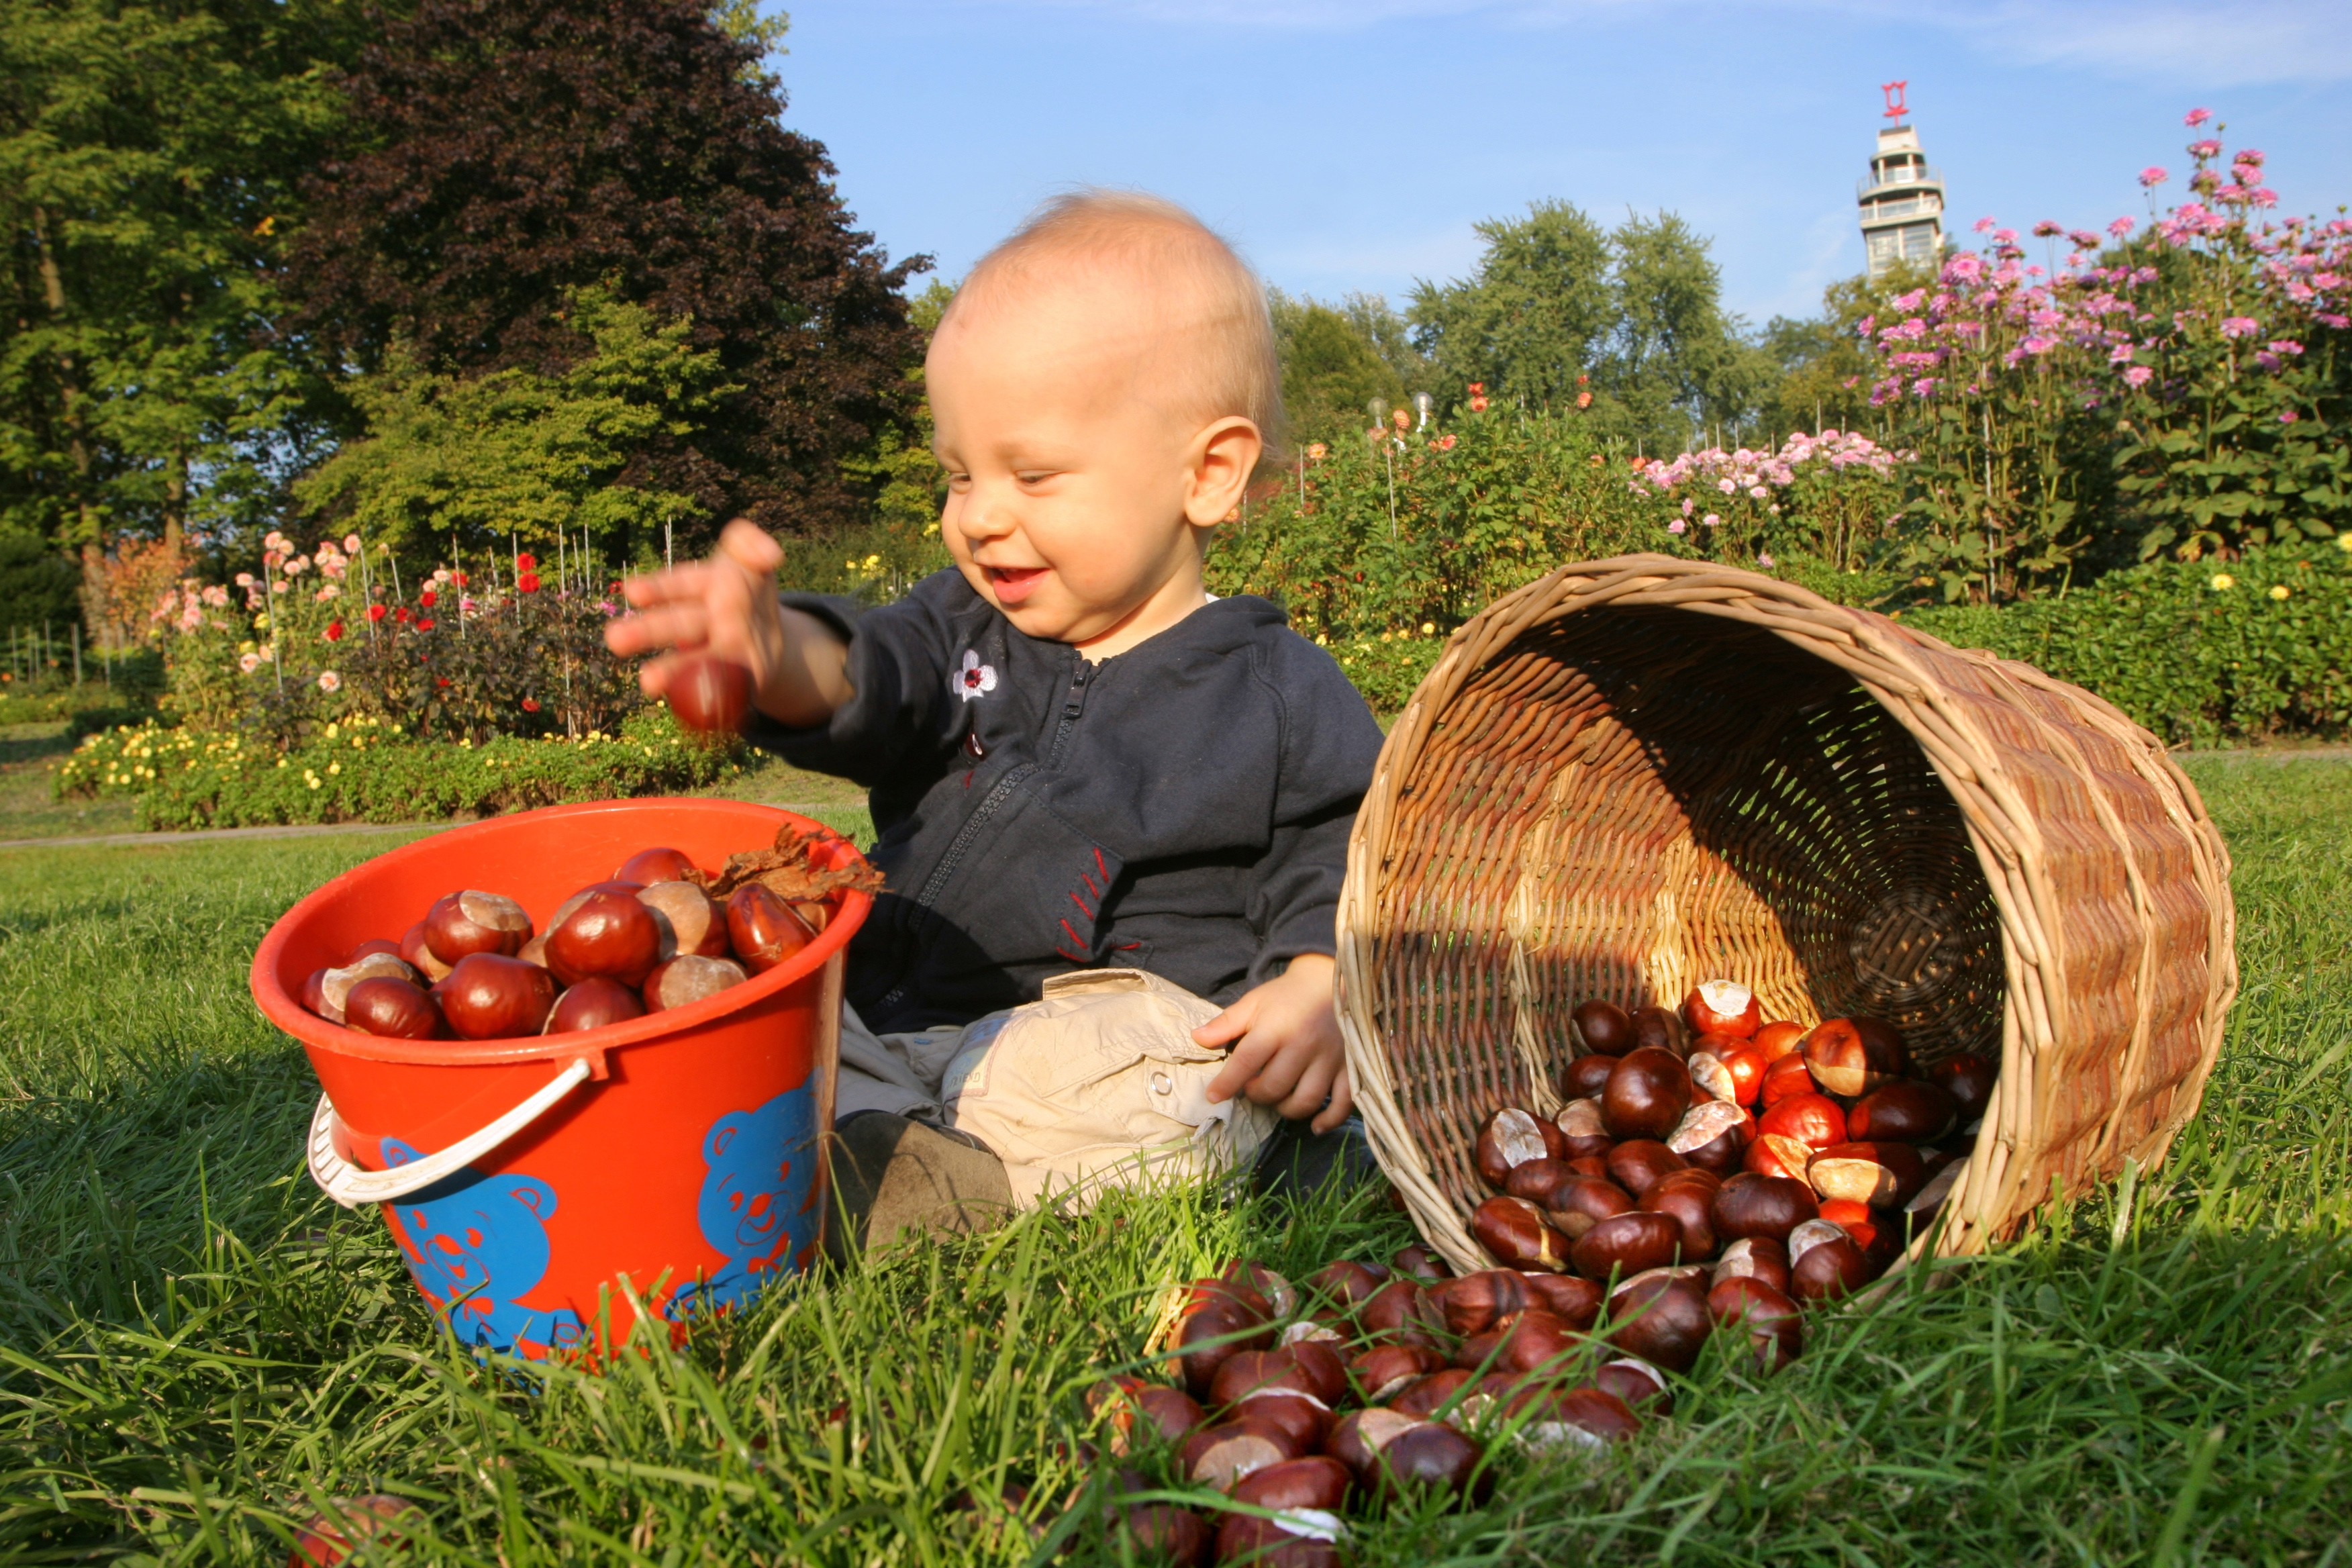 Kind auf einer Wiese mit Kastanien in einem Korb und Eimer